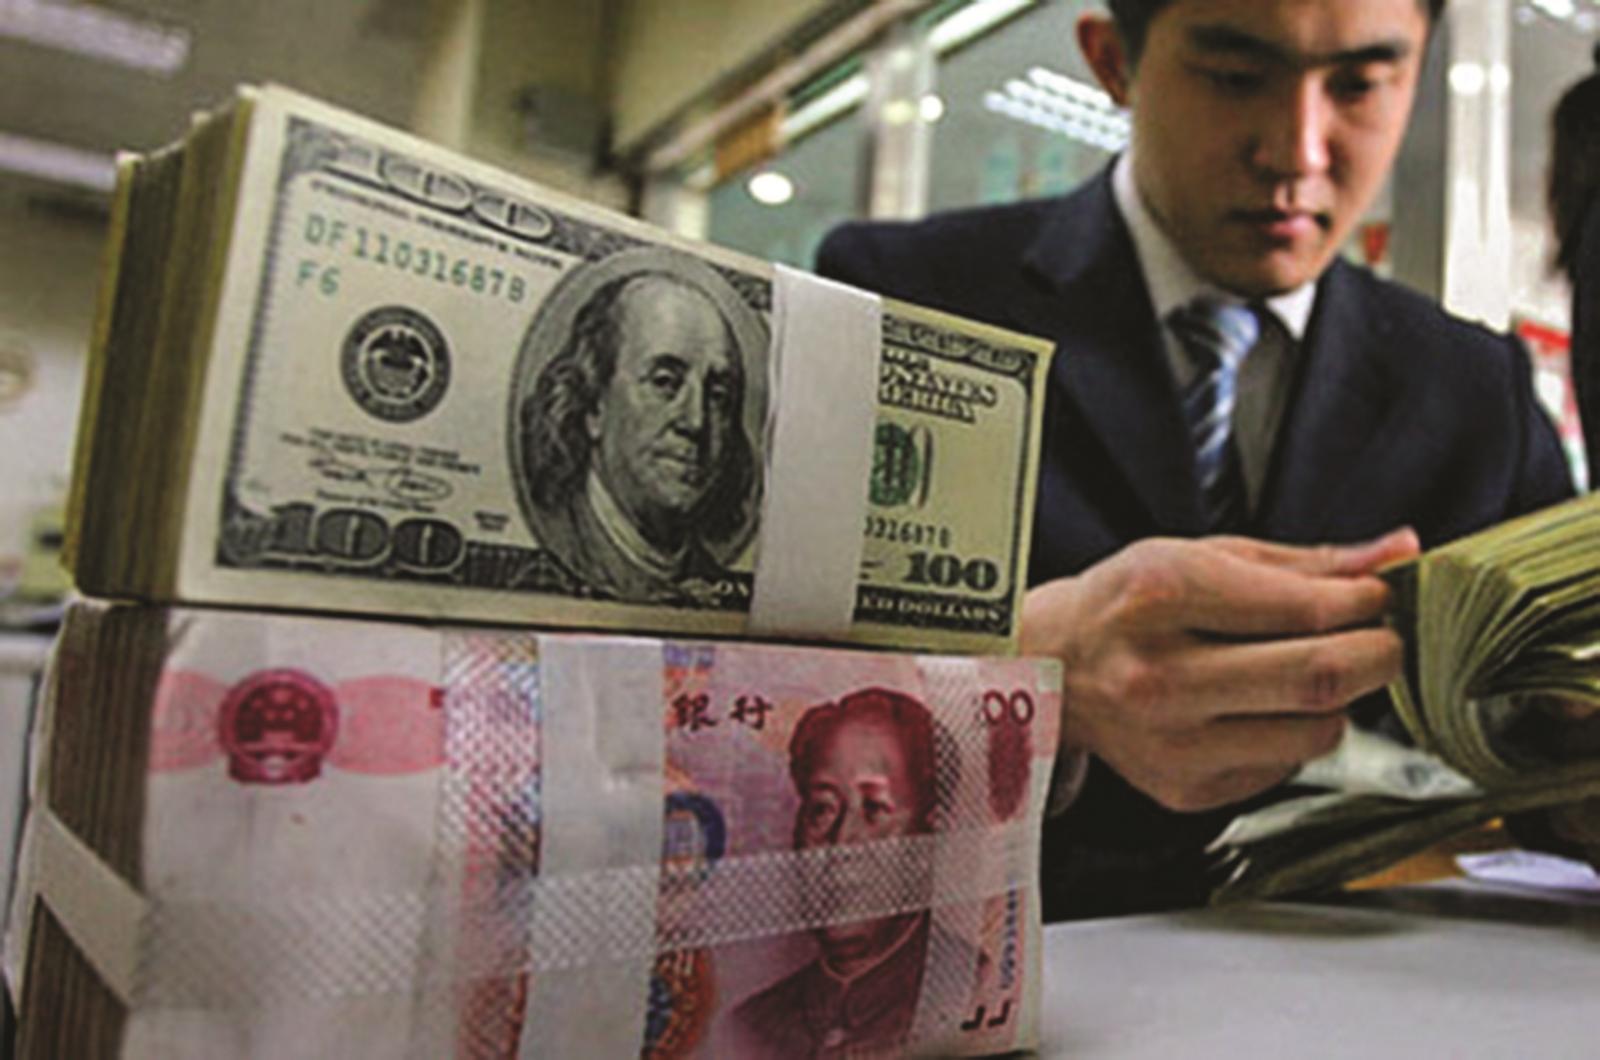 Trung Quốc: Lạm phát ổn định tạo cơ hội nới lỏng tiền tệ